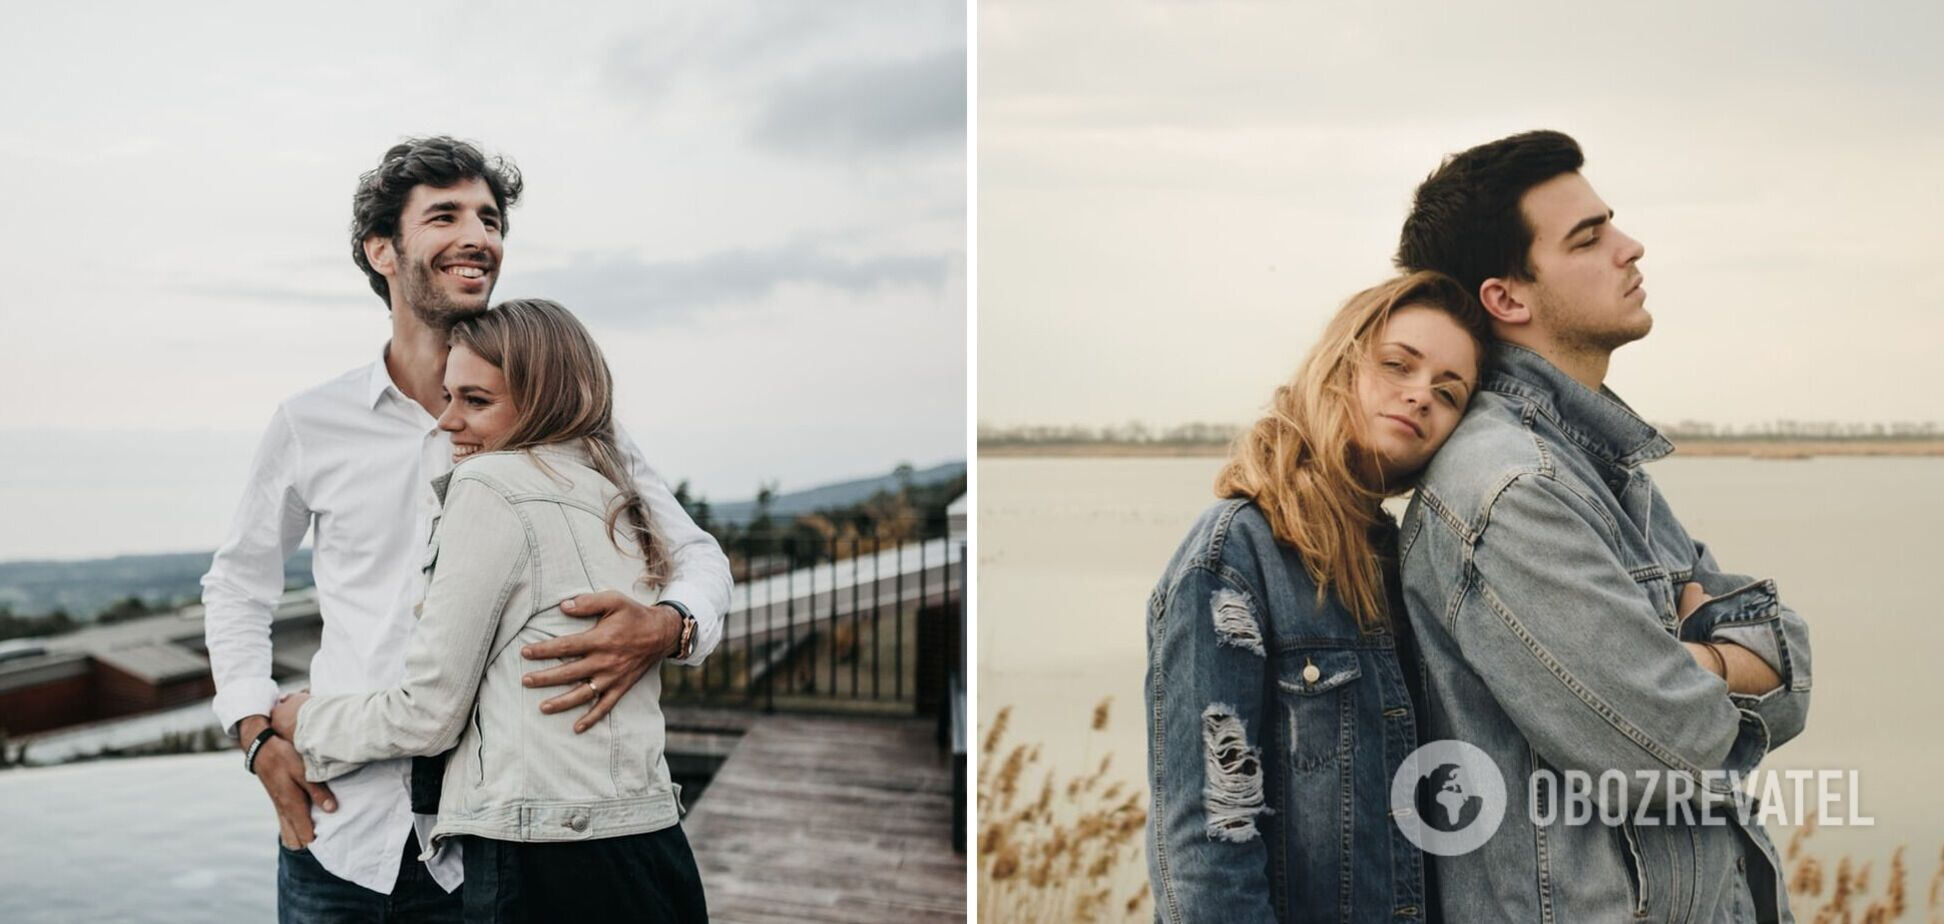 Як зрозуміти, чи є в пари майбутнє: психолог поділився секретами вдалих стосунків